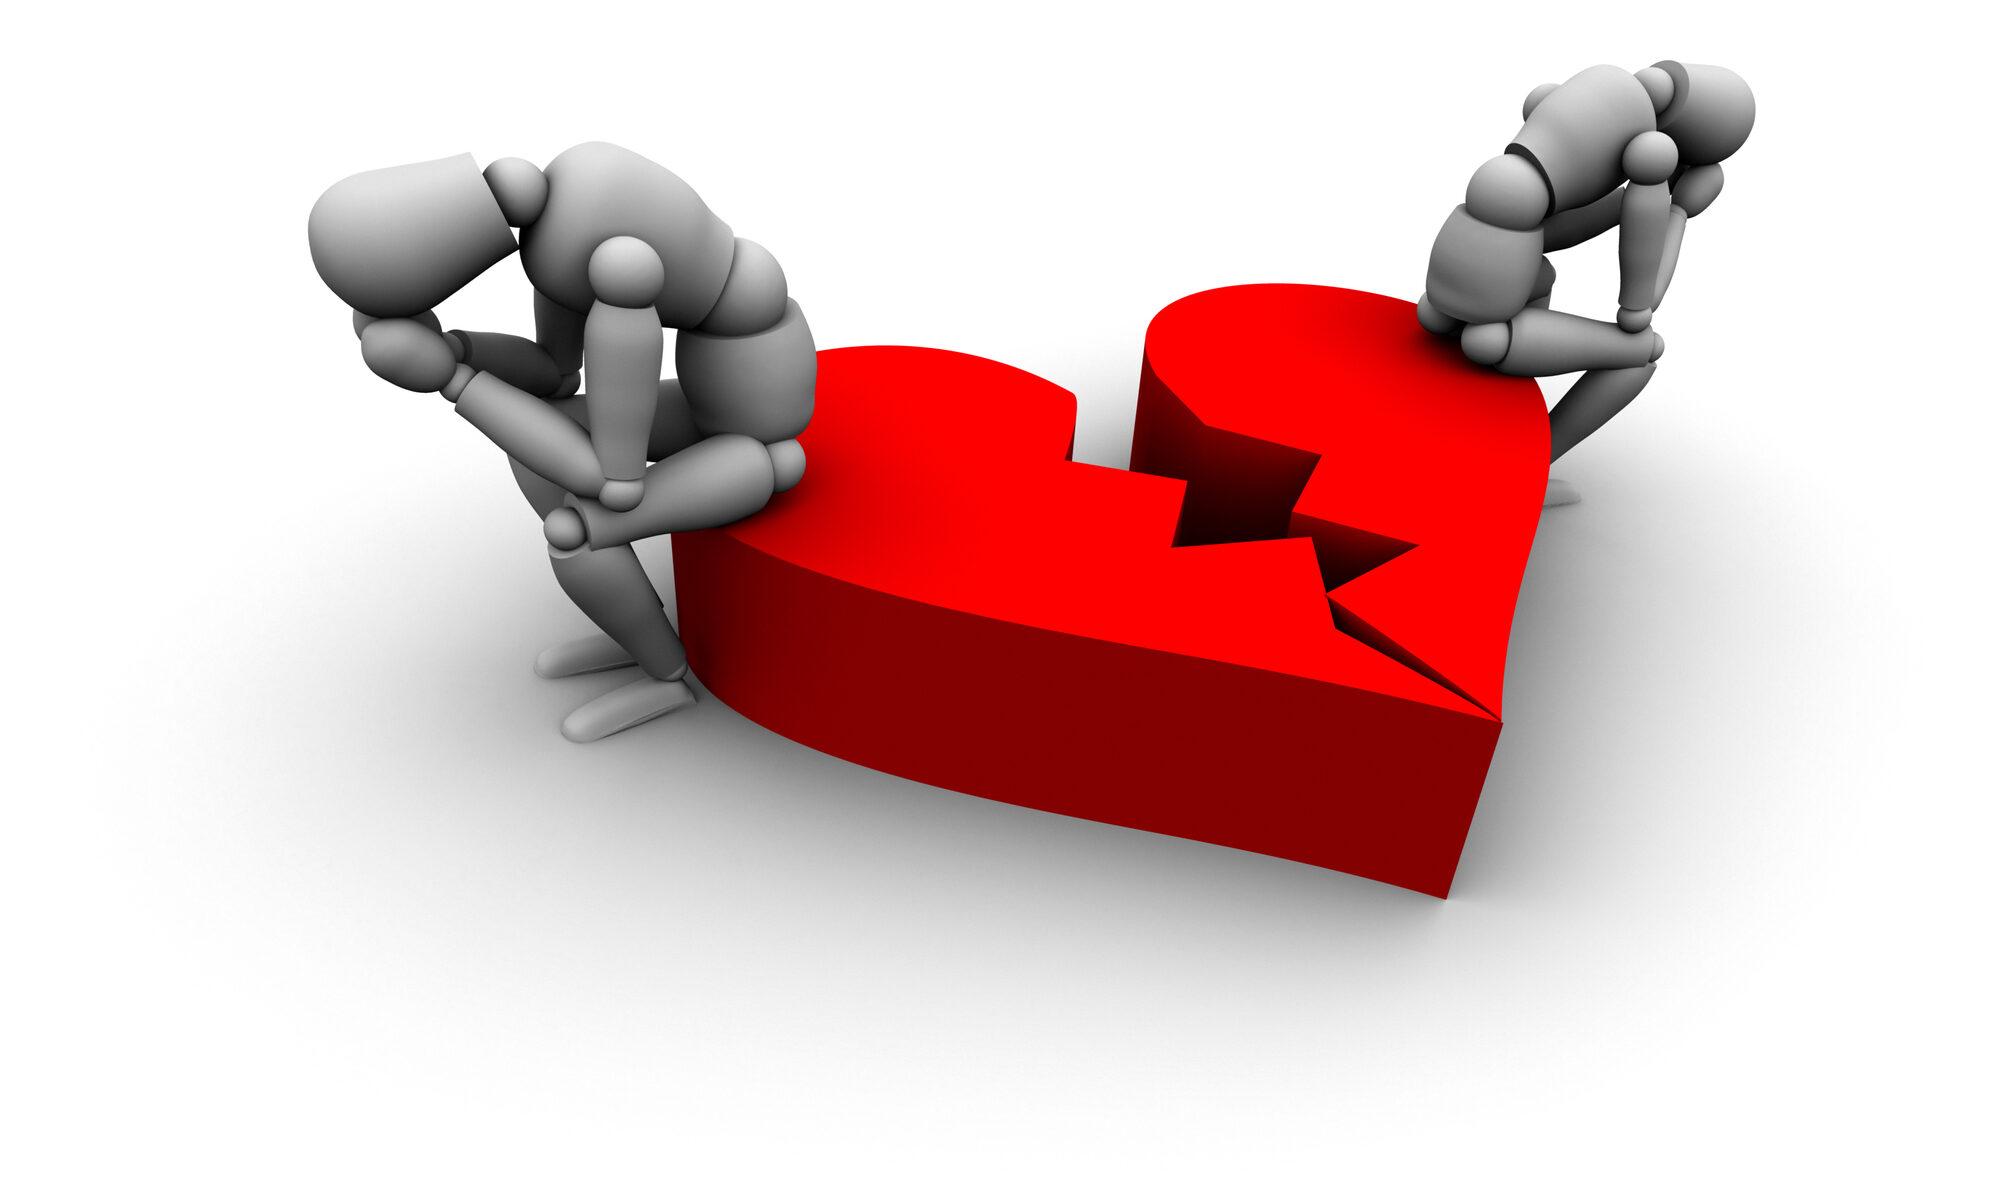 Zwei Figuren sitzen auf einem gebrochenen Herz